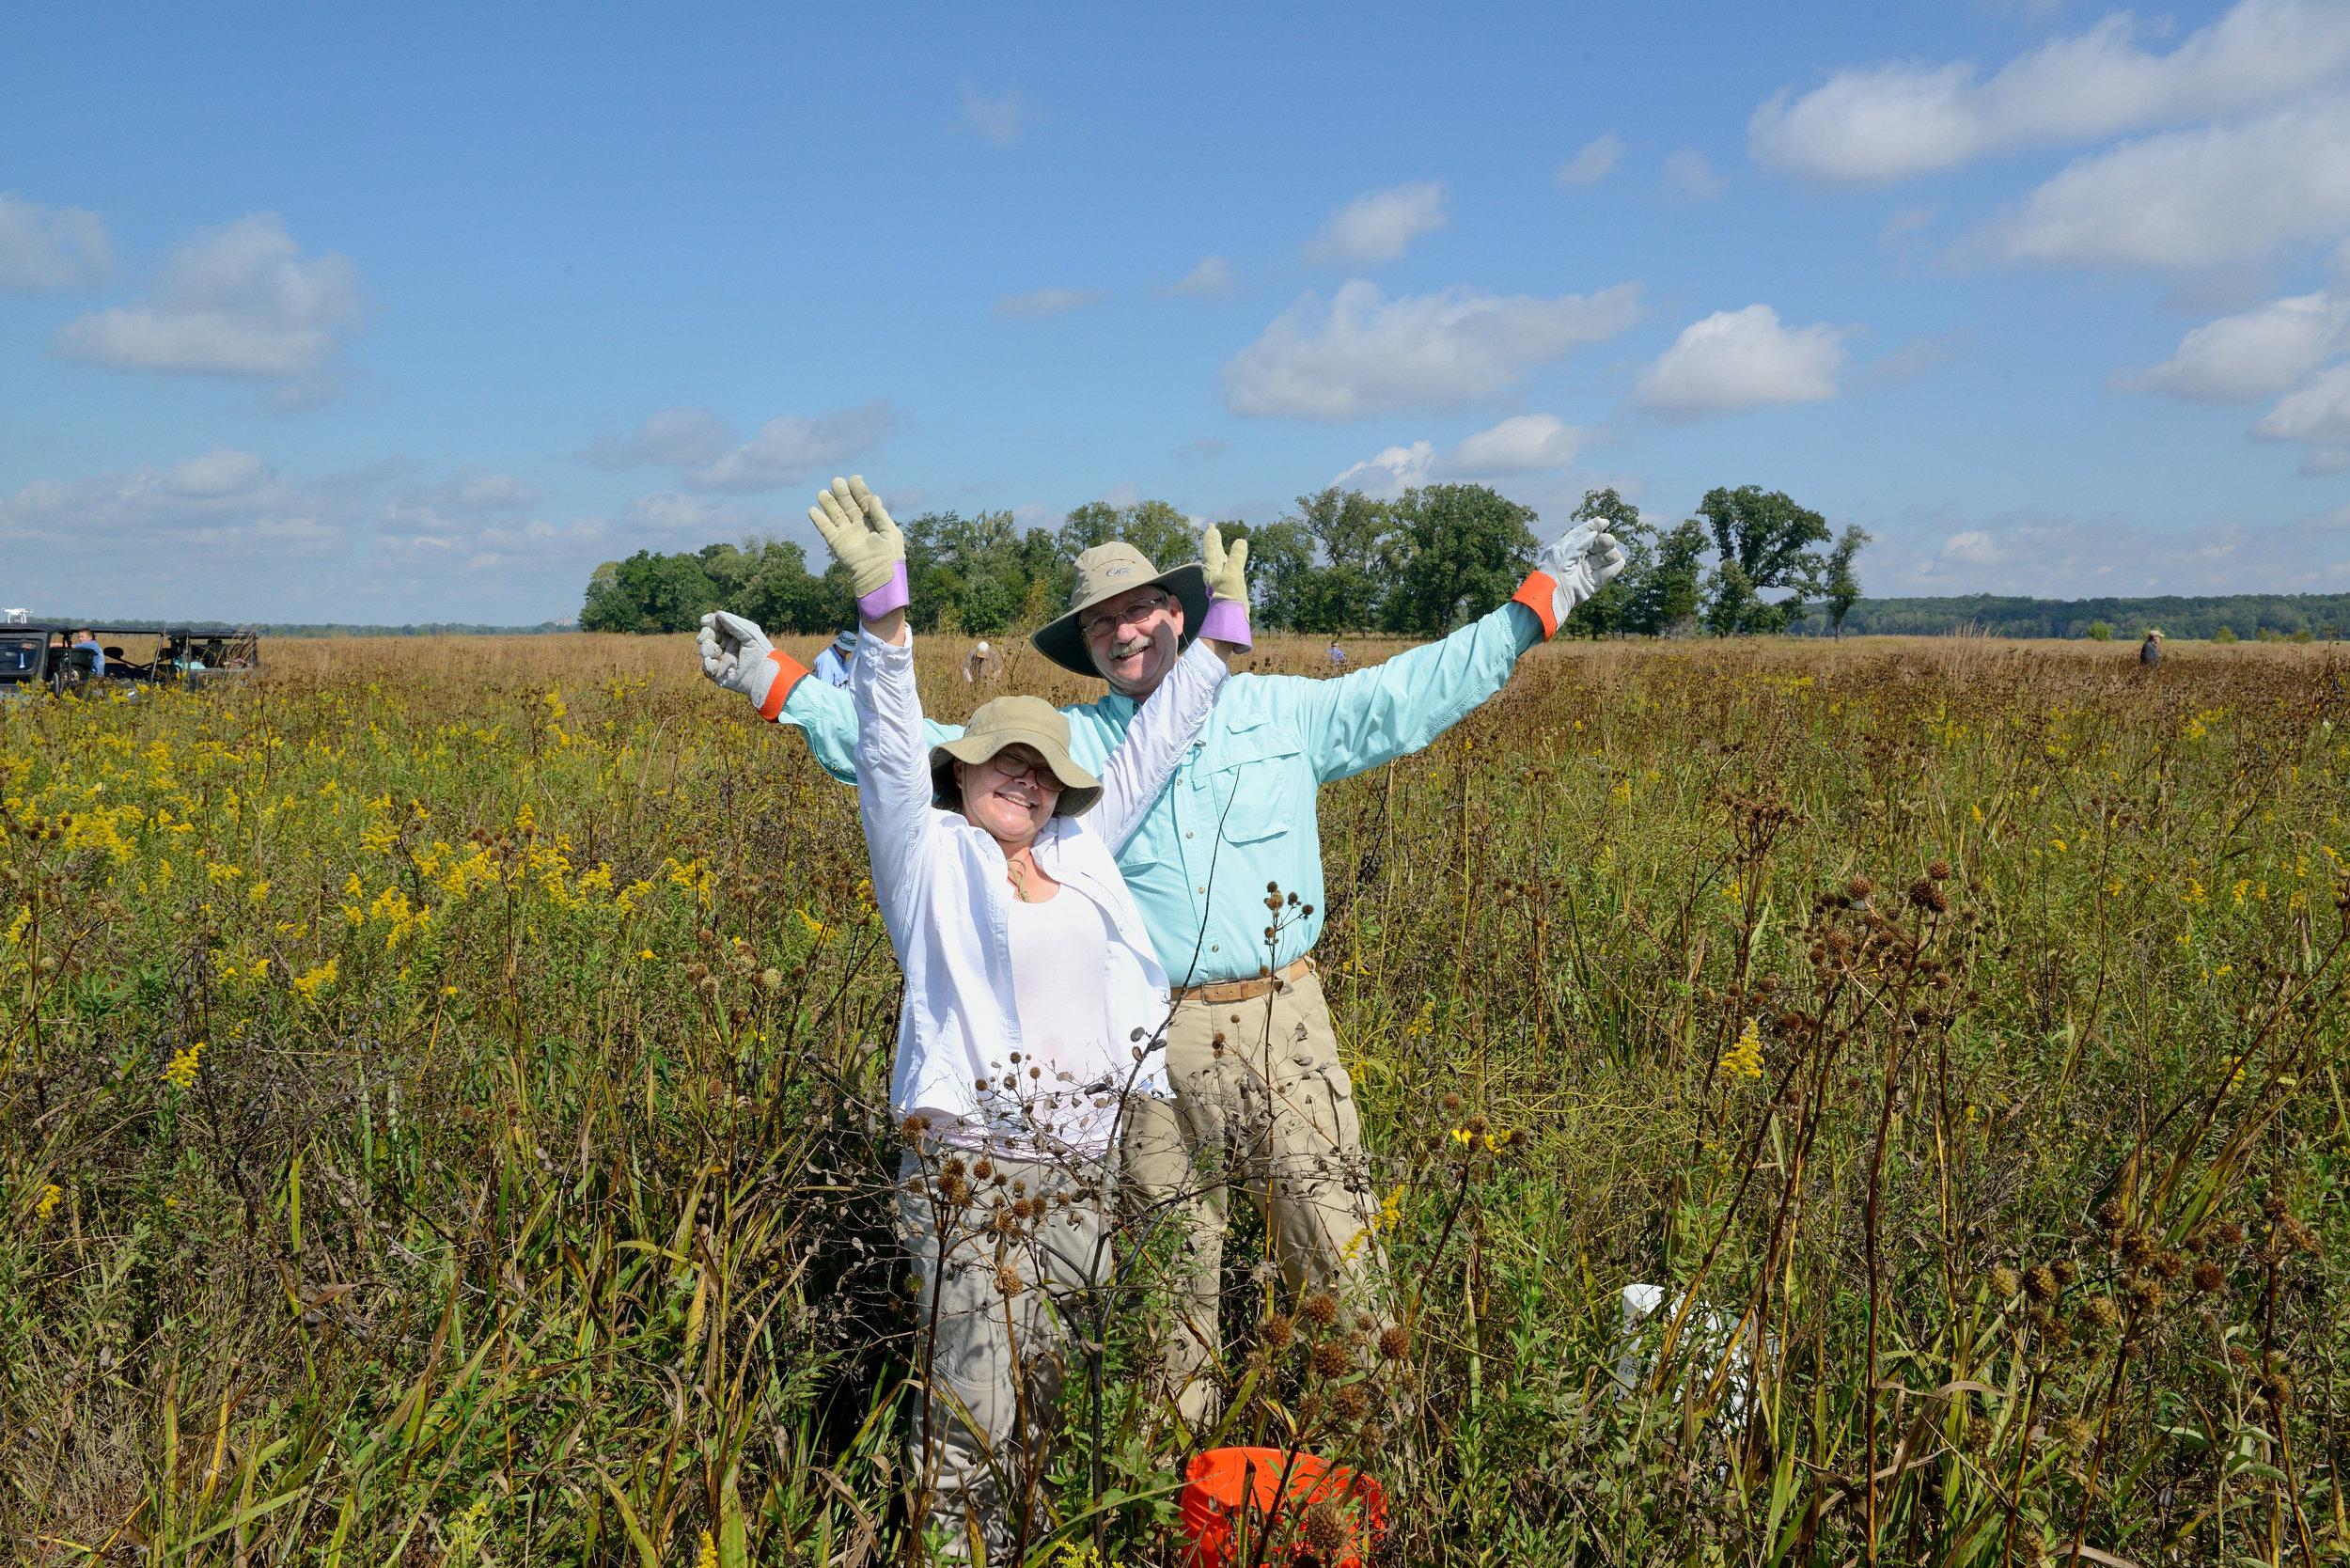 Happy harvesters!